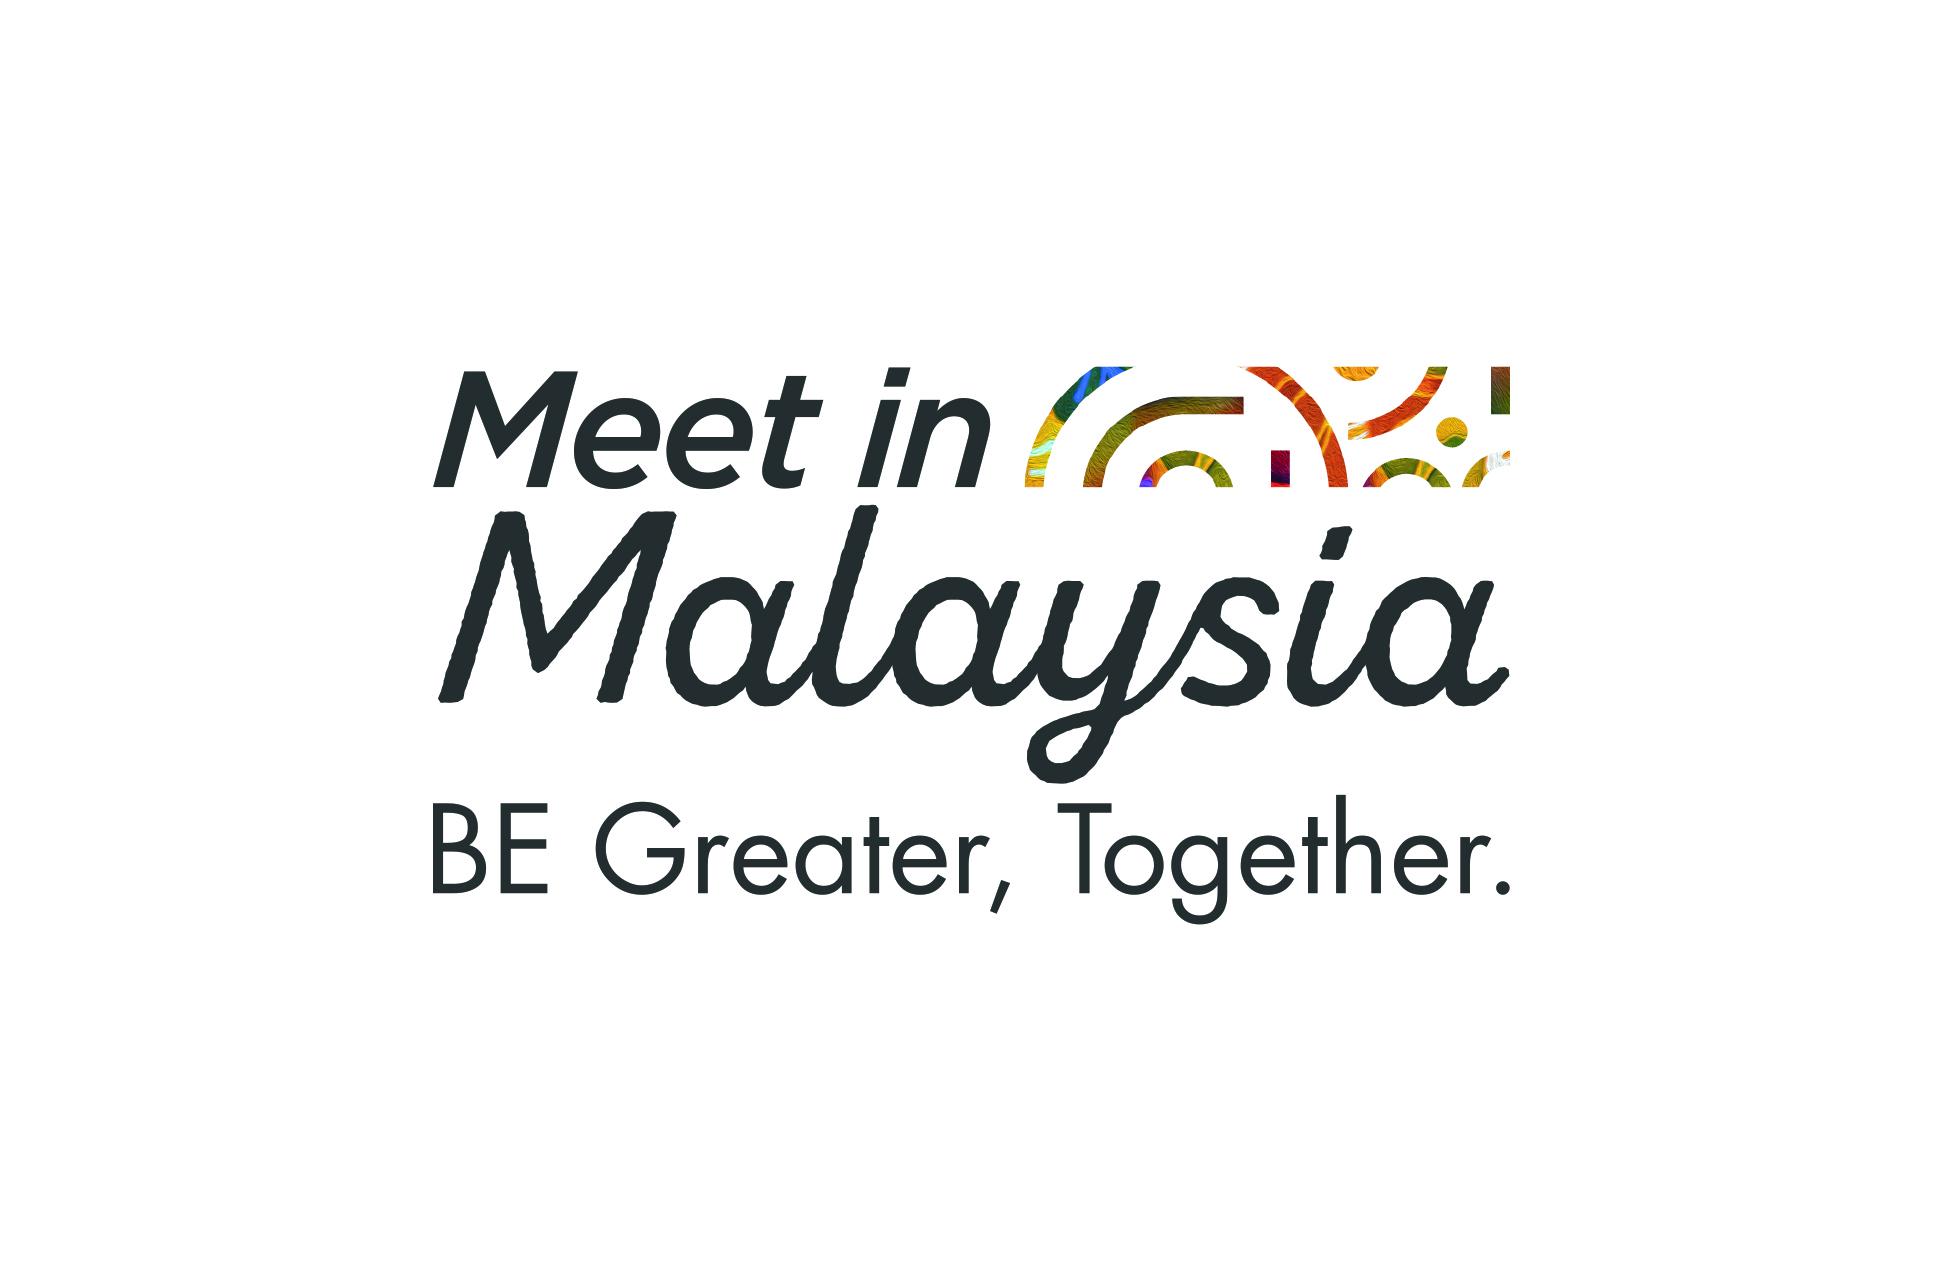 Meet in Malaysia